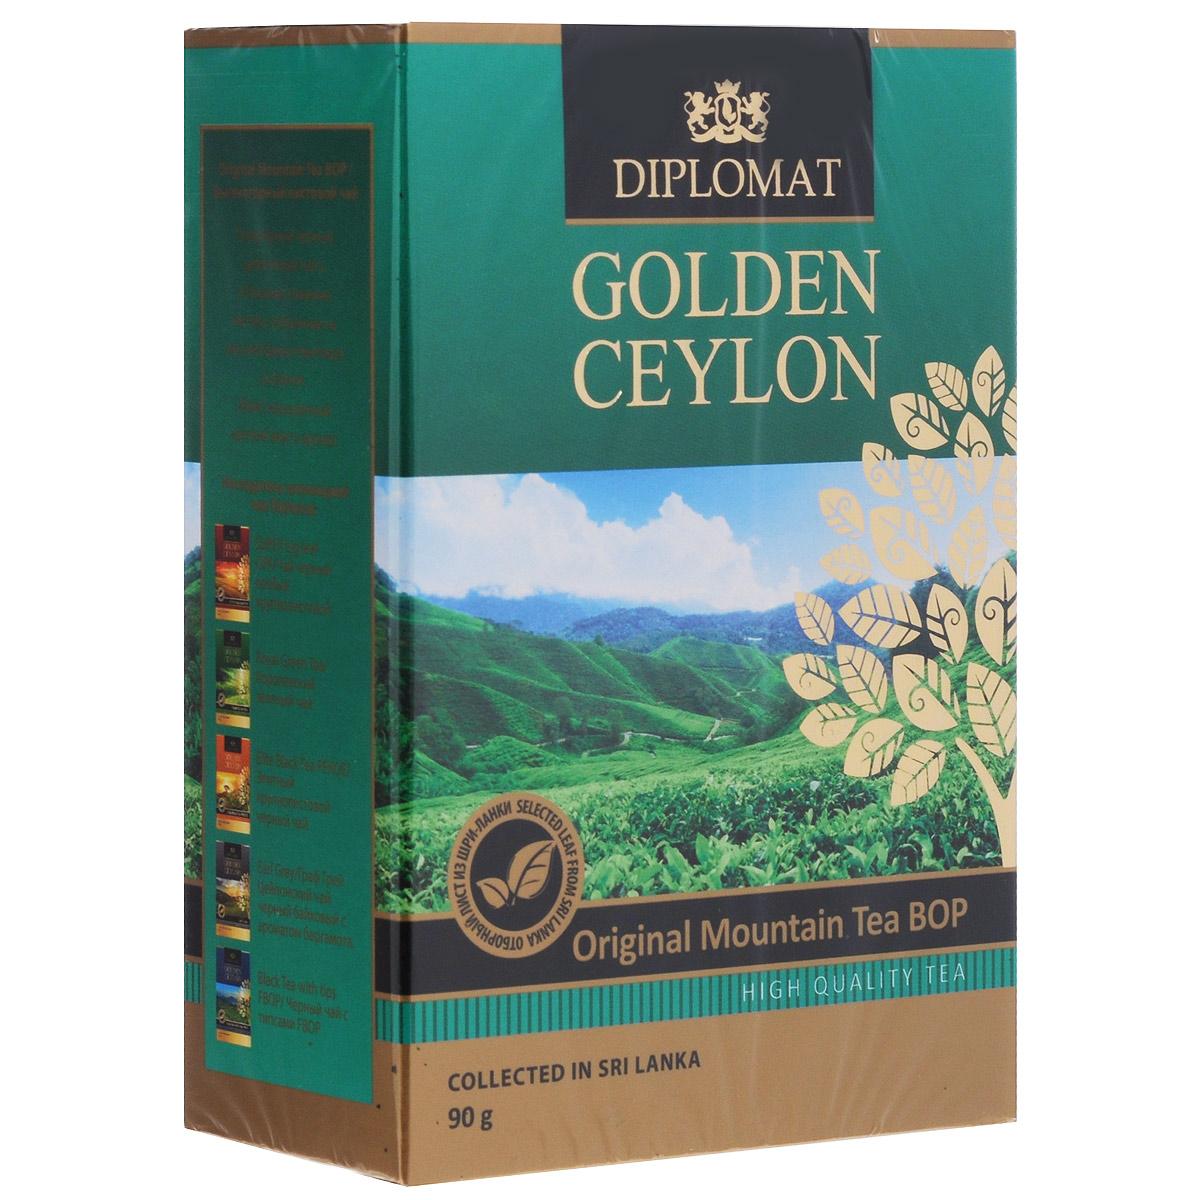 Diplomat Original Mountain Tea BOP черный листовой чай, 90 г4623721180606Популярный черный цейлонский чай Diplomat Original Mountain Tea BOP с отборным ломаным листом, собранным на высокогорных плантациях о.Цейлон. Имеет насыщенный крепкий вкус и аромат.